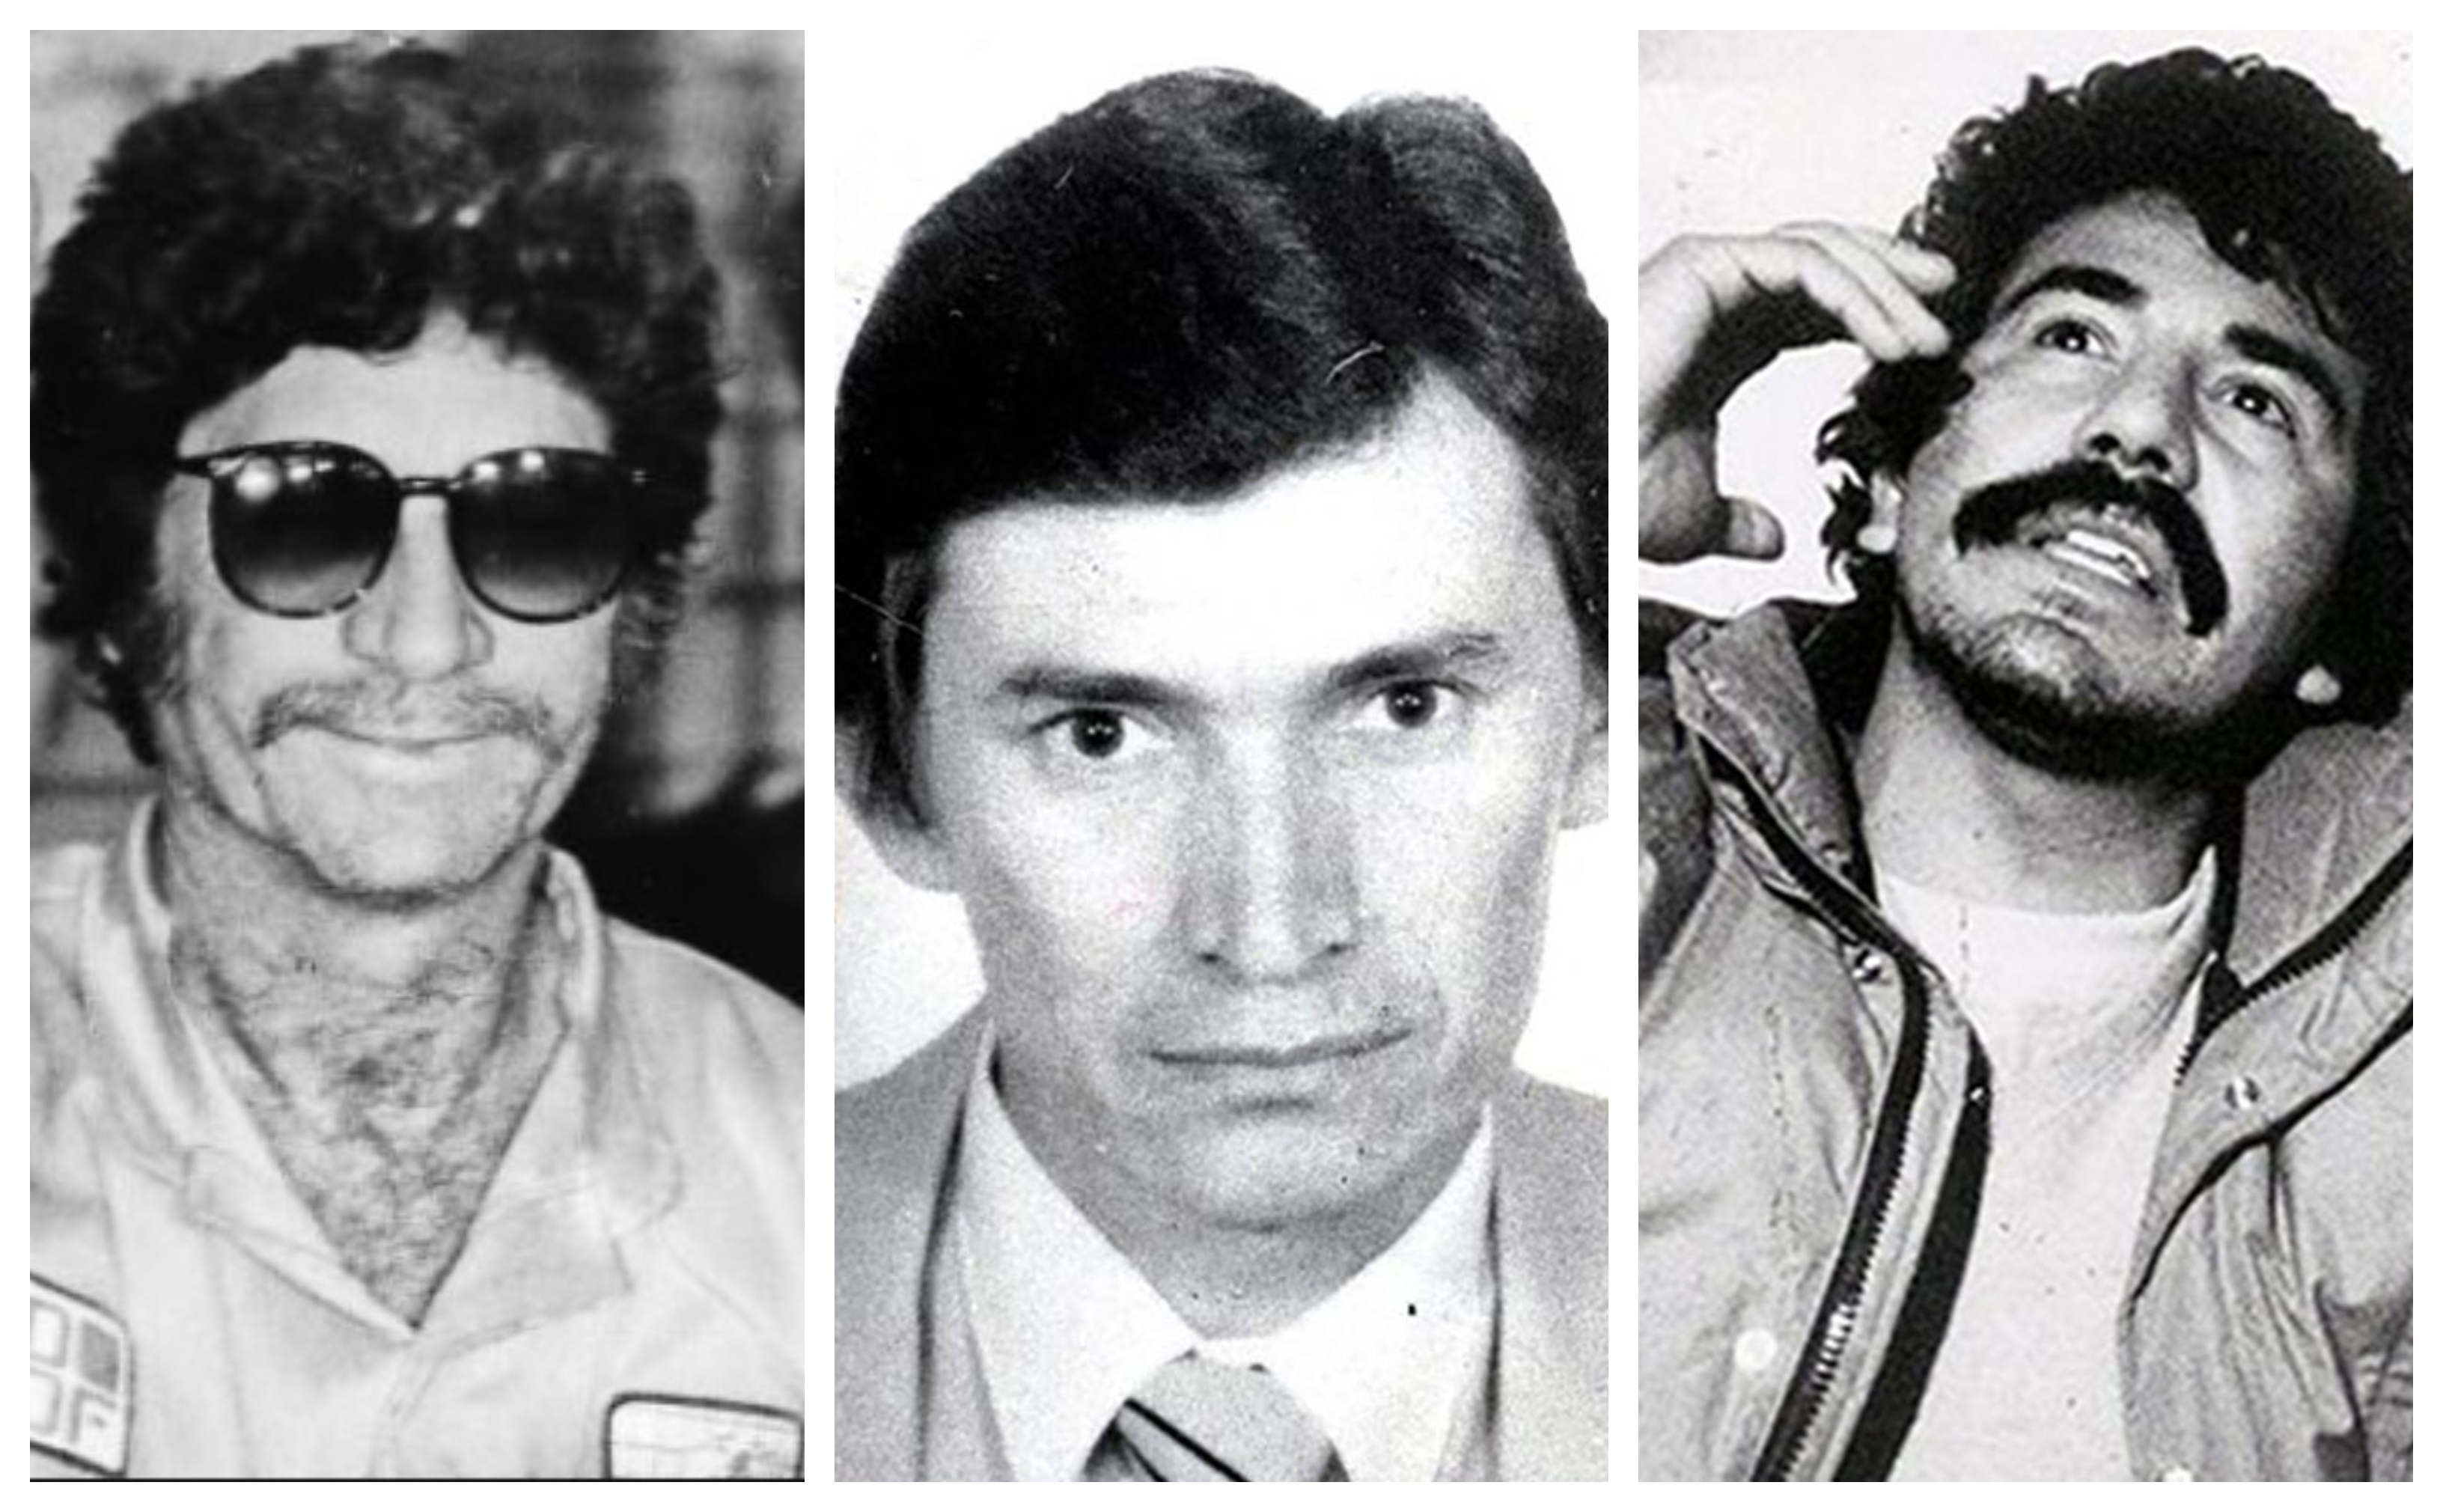 La verdad sobre el diario secreto de un narco: las memorias de Miguel Ángel  Félix Gallardo - Infobae